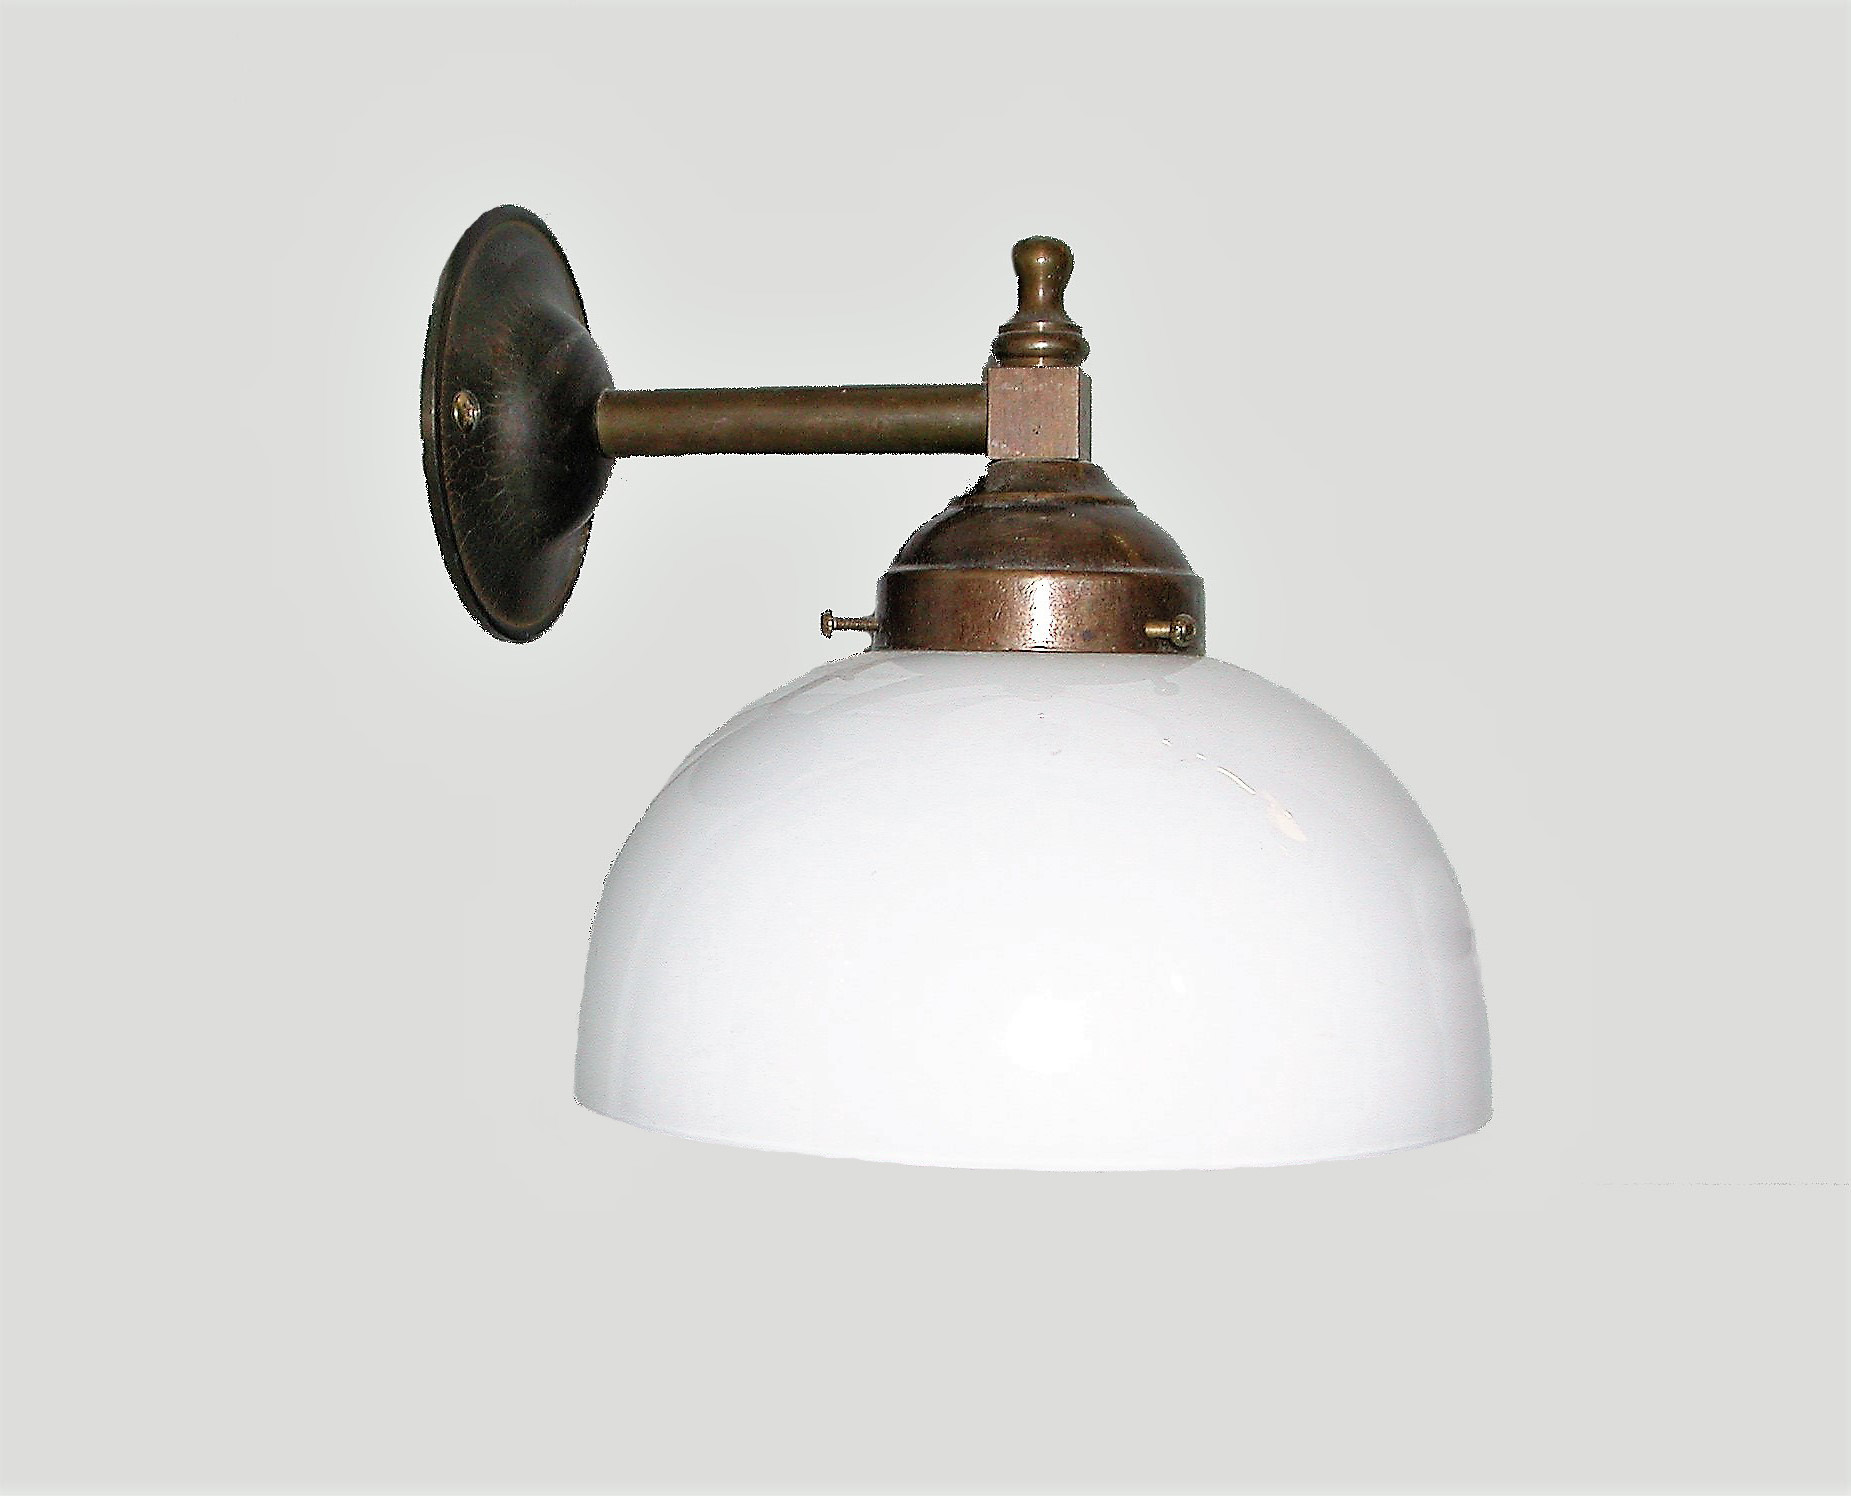 Lampade a parete : lampada a parete in ottone brunito e vetro